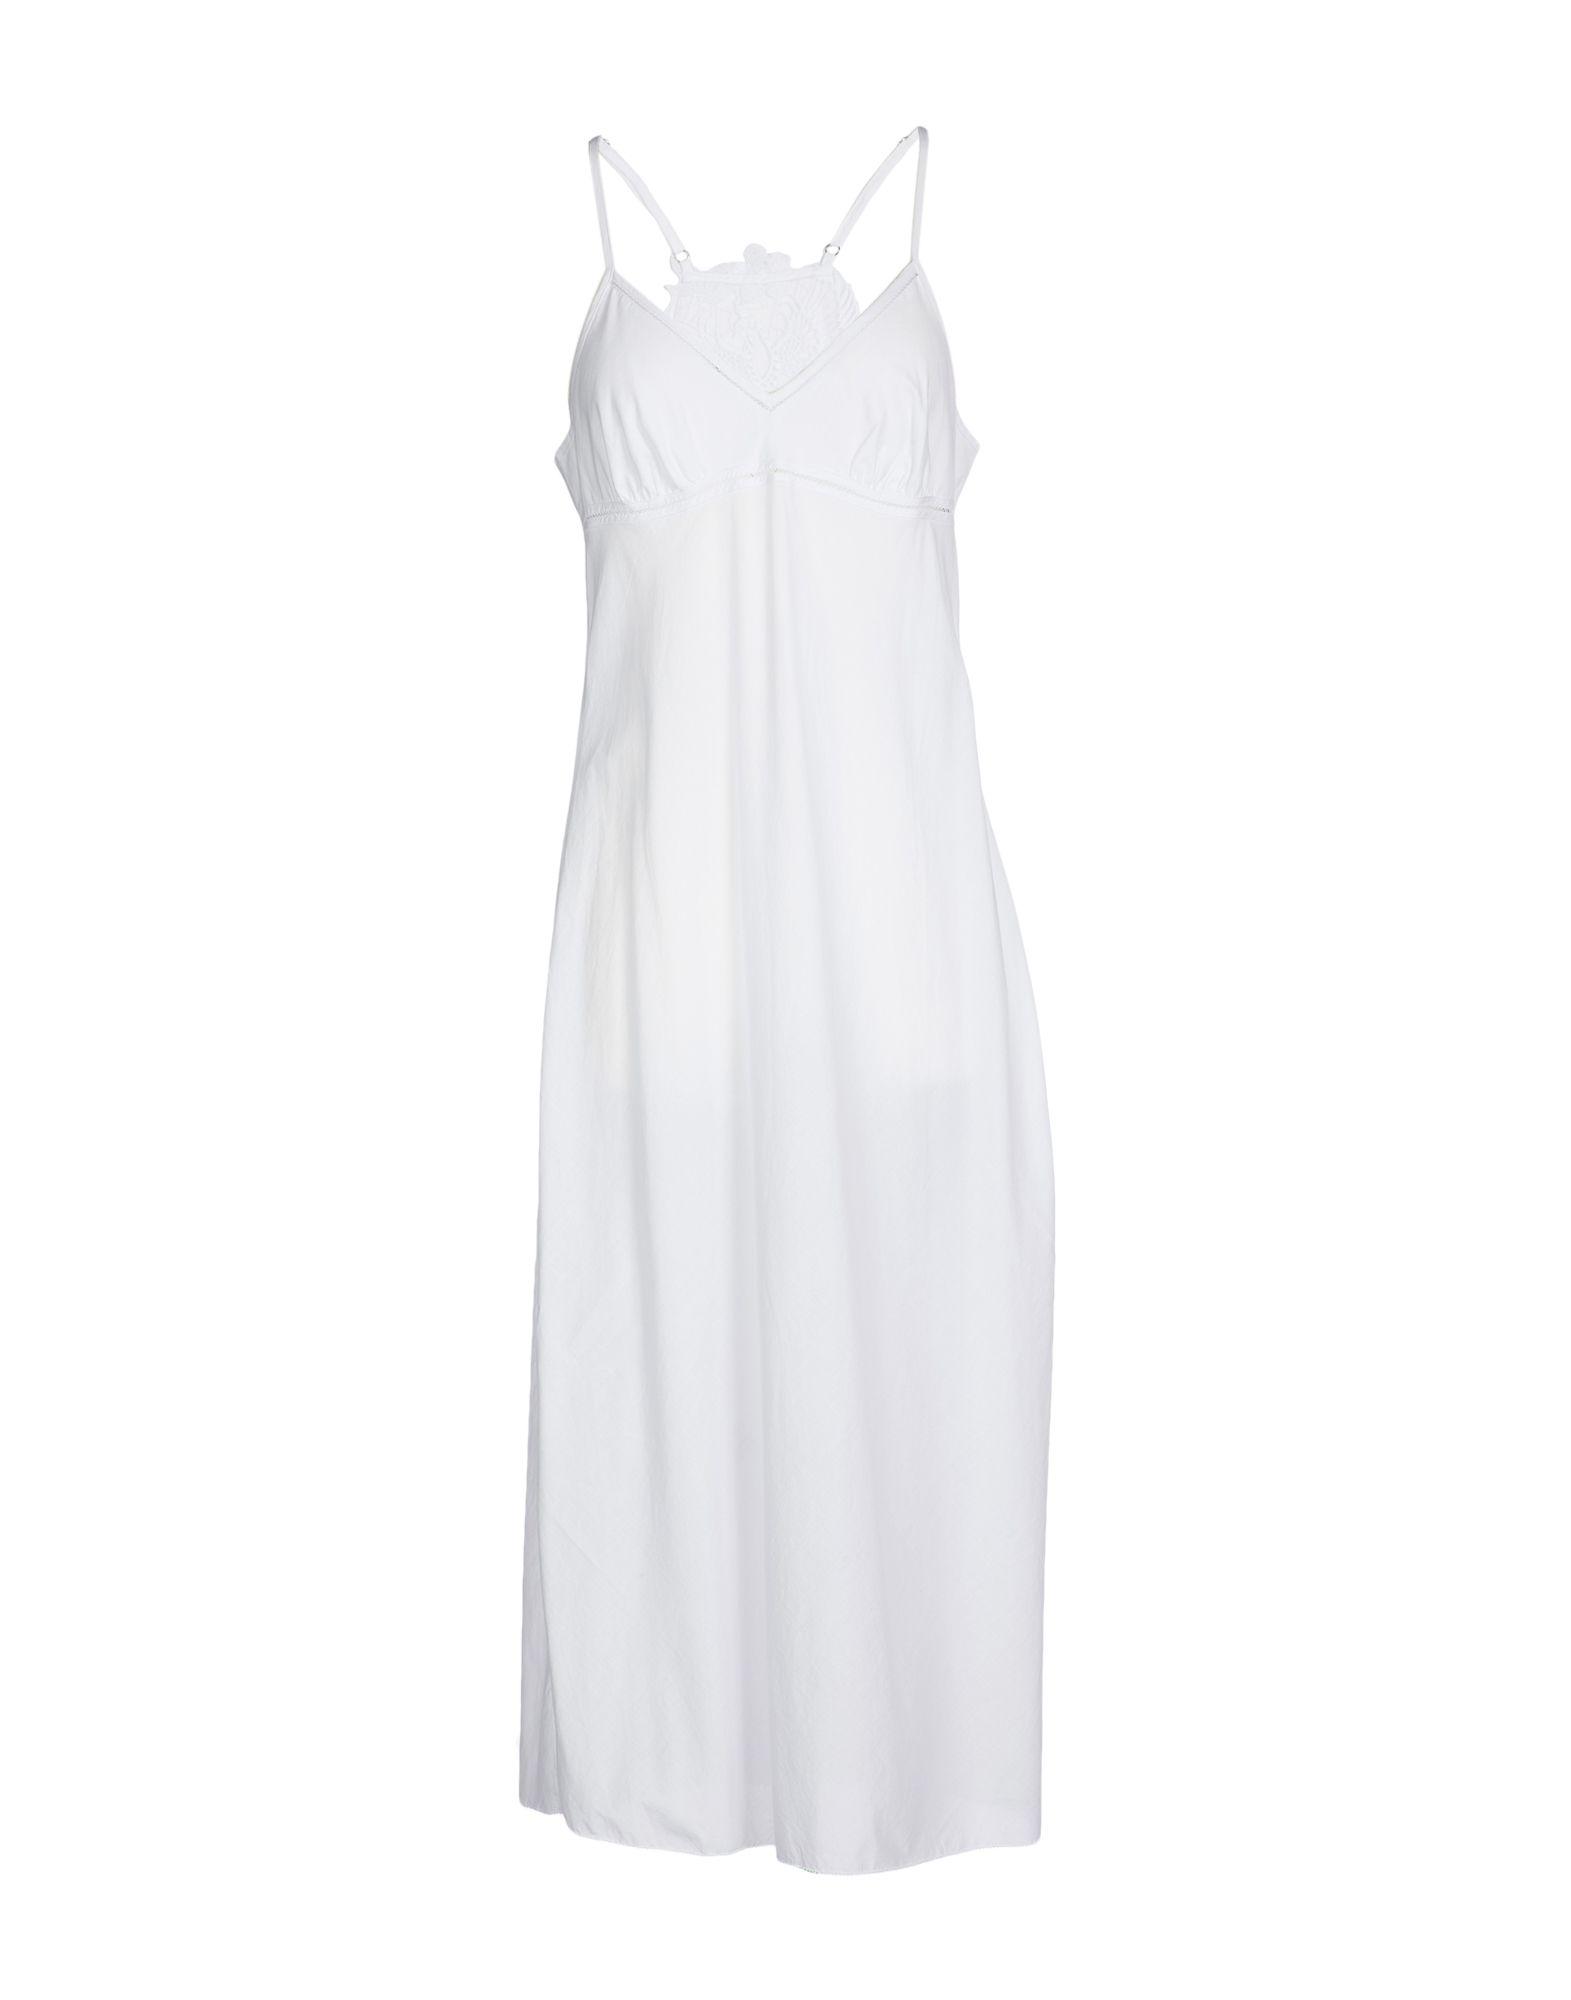 Slips in White